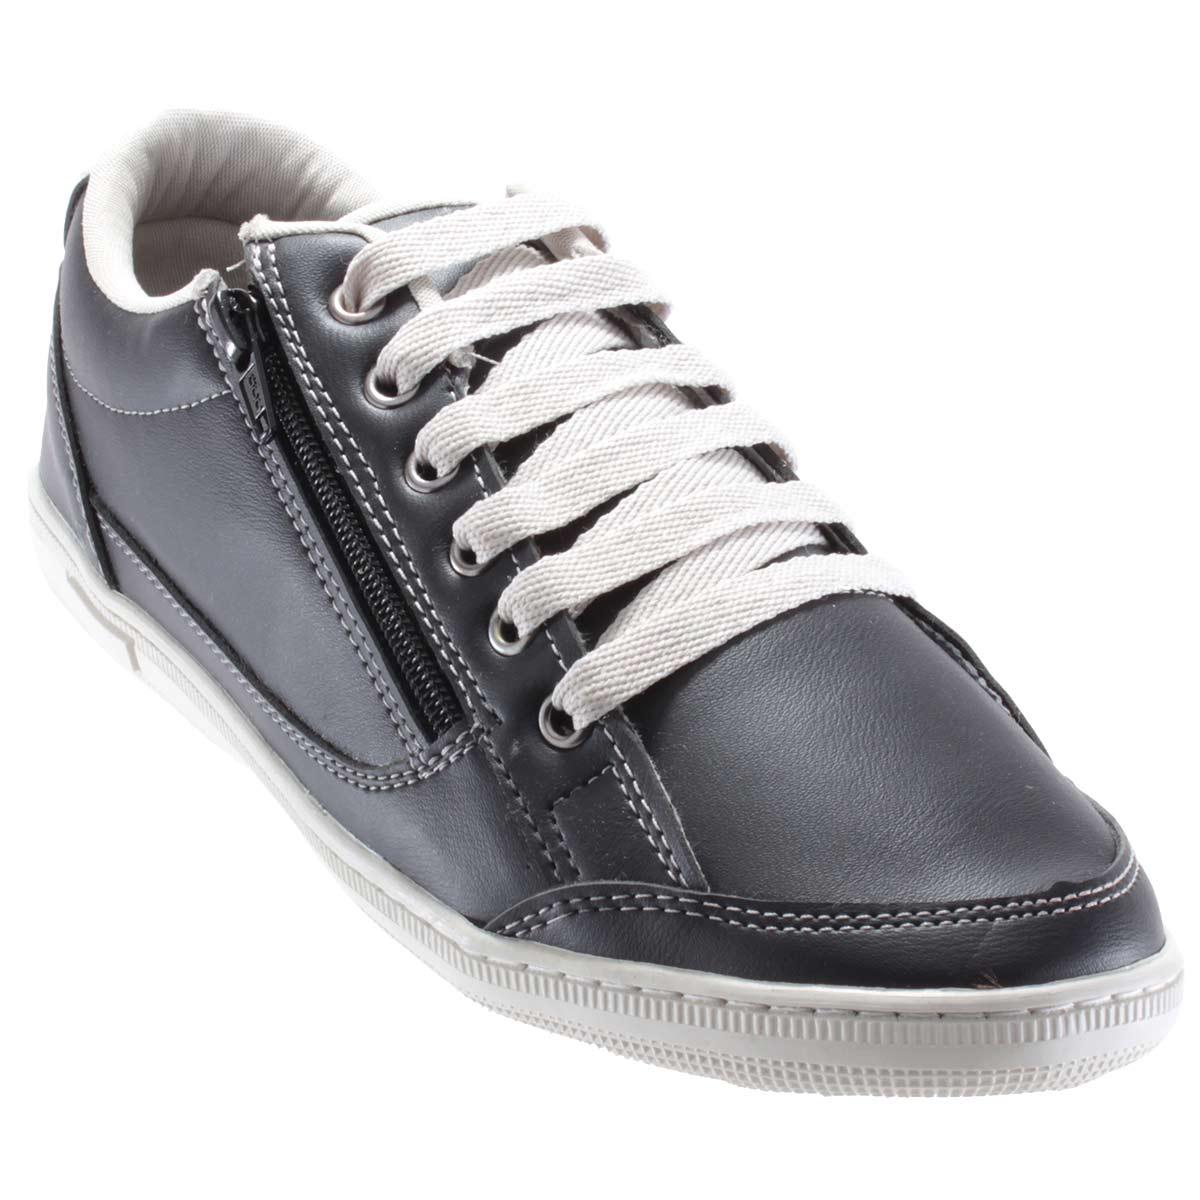 Sapatênis Doc Shoes Sintético Casual Ziper Confortável 7124C  - Ian Calçados